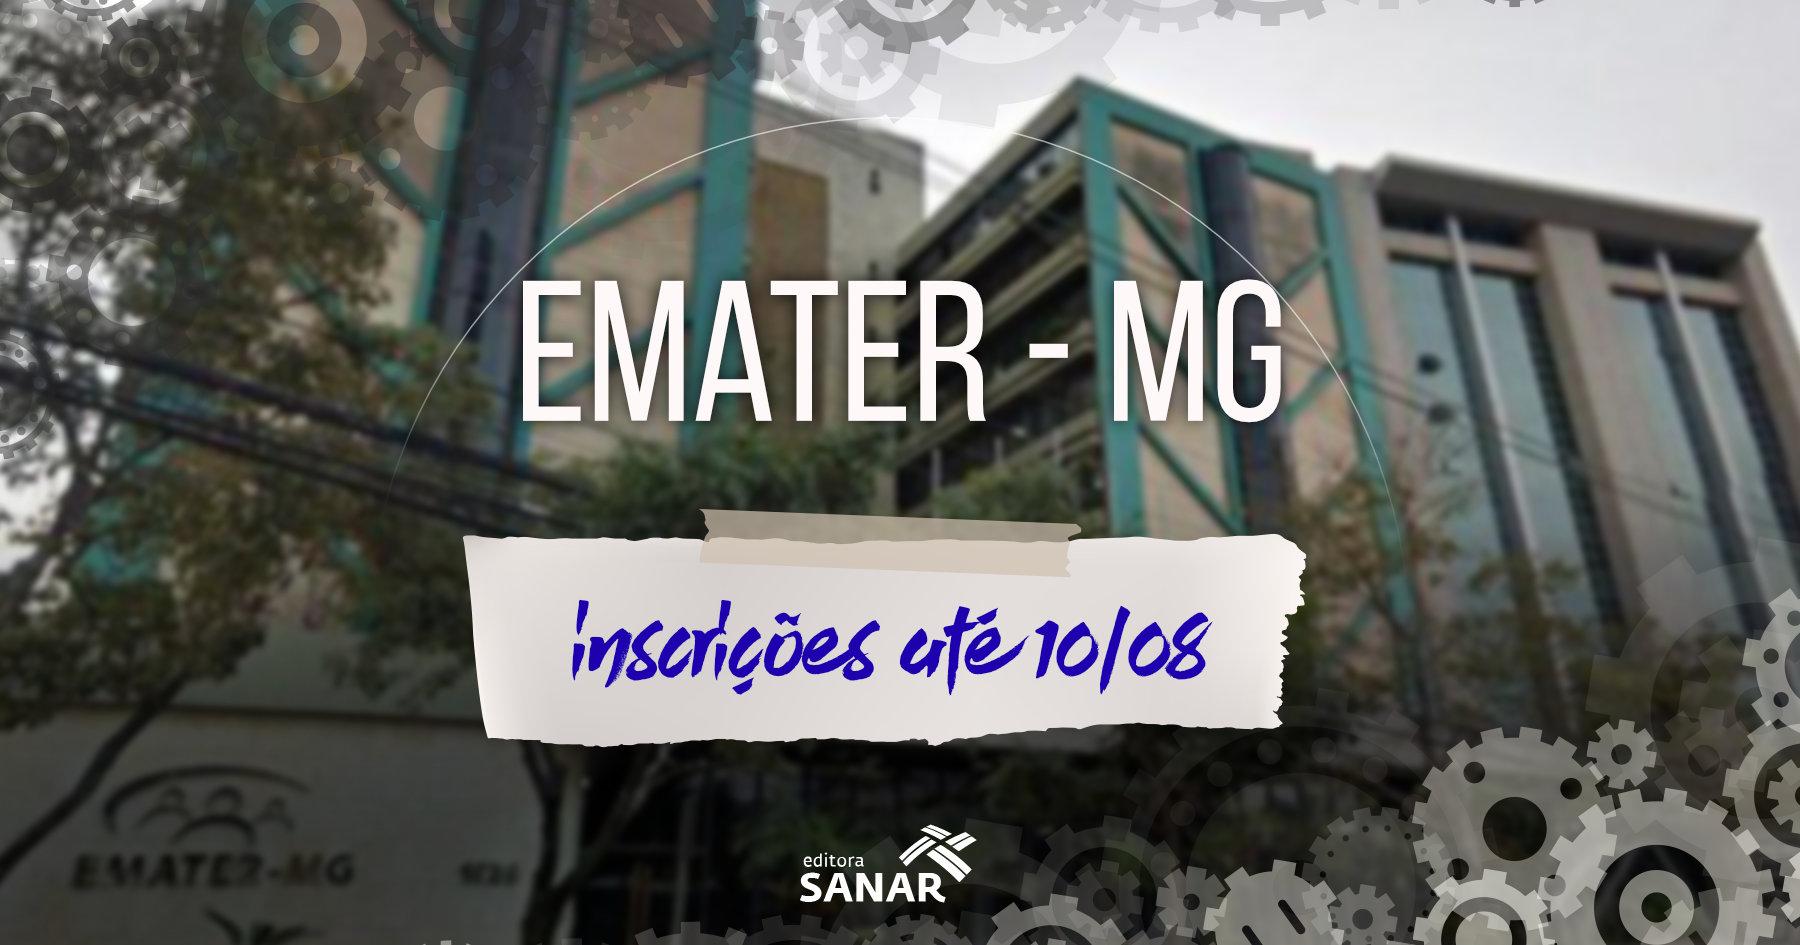 Concurso: Emater (MG) retoma edital com vaga para Psicologia